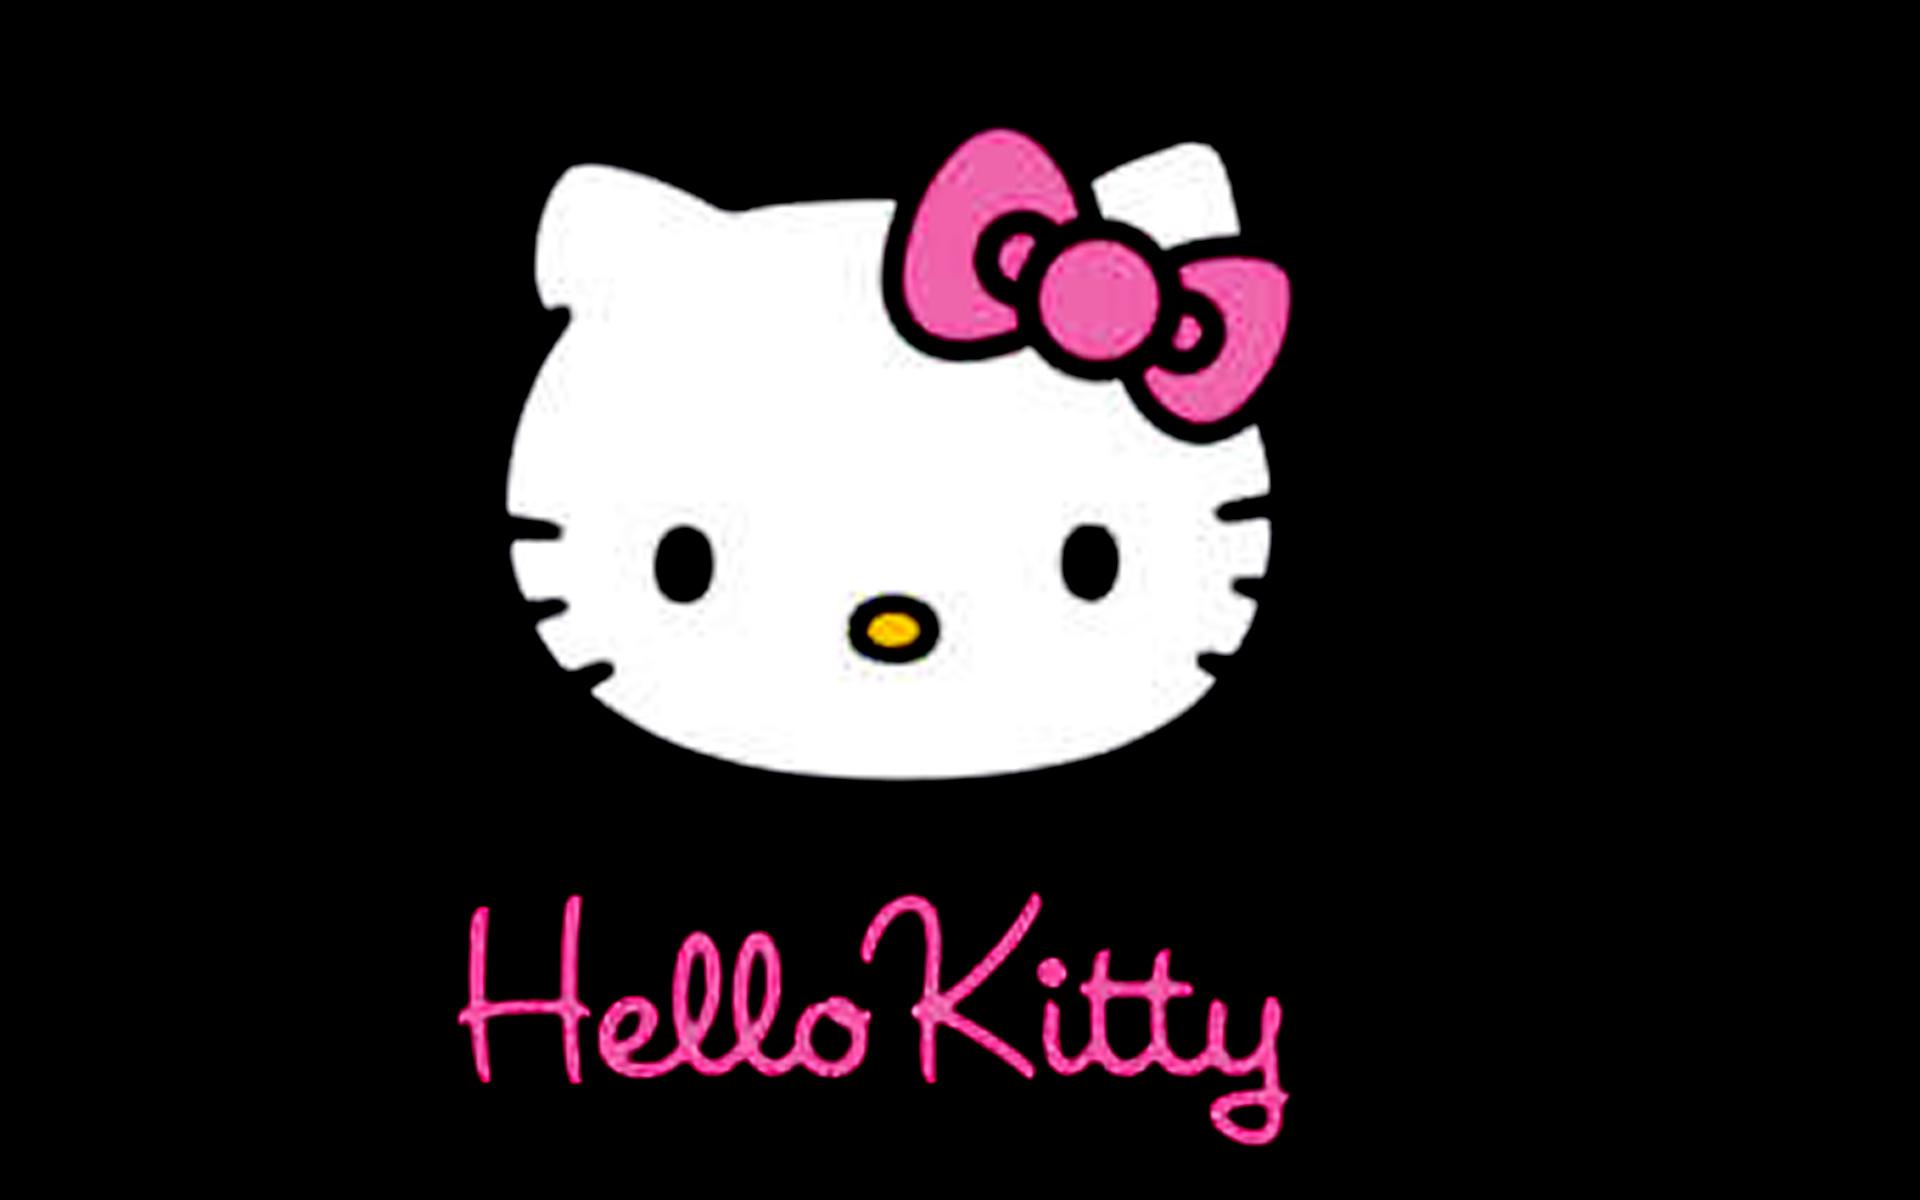 76 ] Hello Kitty Desktop Wallpaper On WallpaperSafari